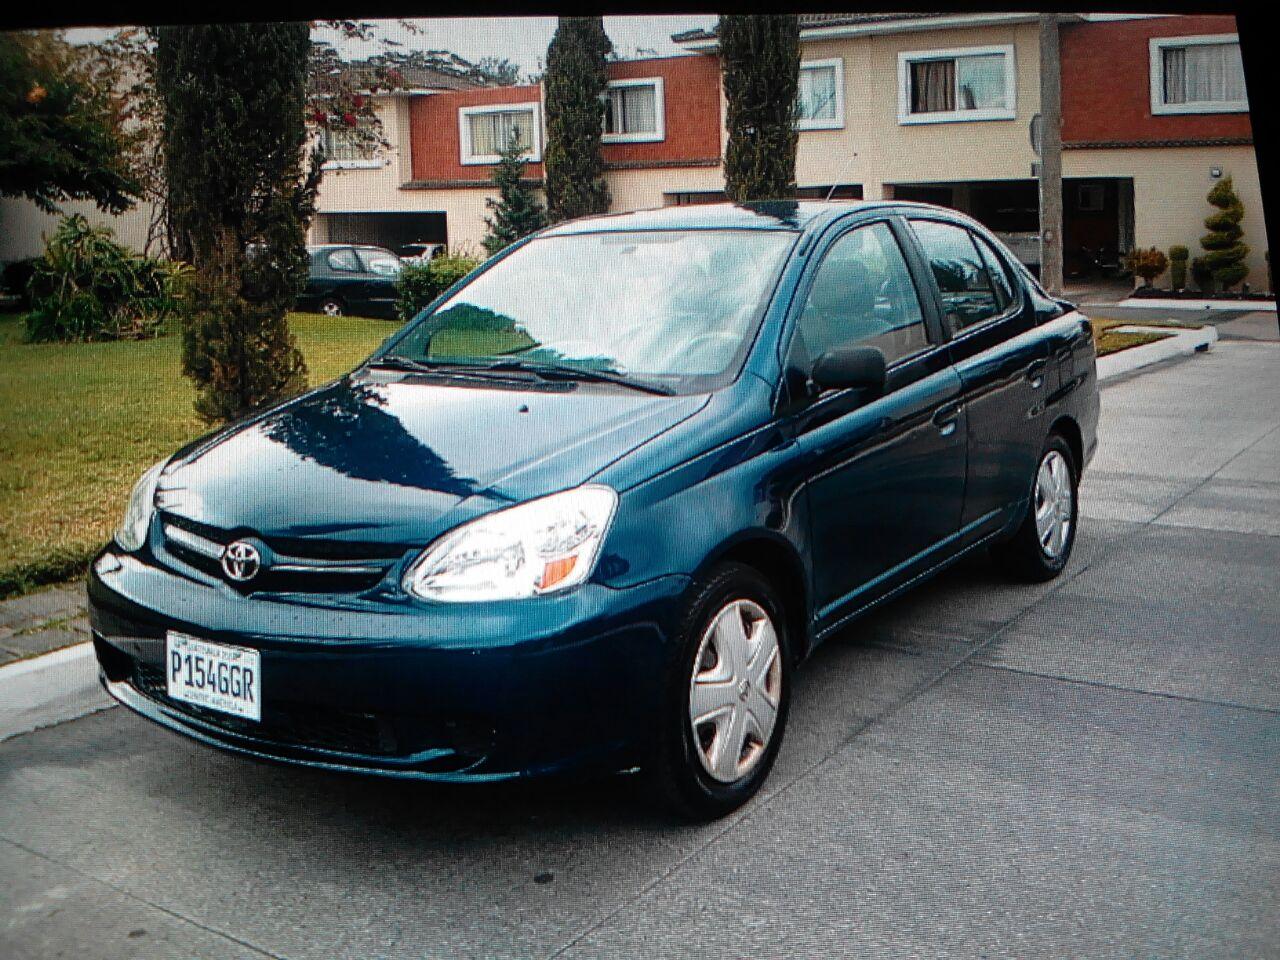 Usados toyota echo 2003 autom tico motor 1500 carros for Espaillat motors vehiculos usados